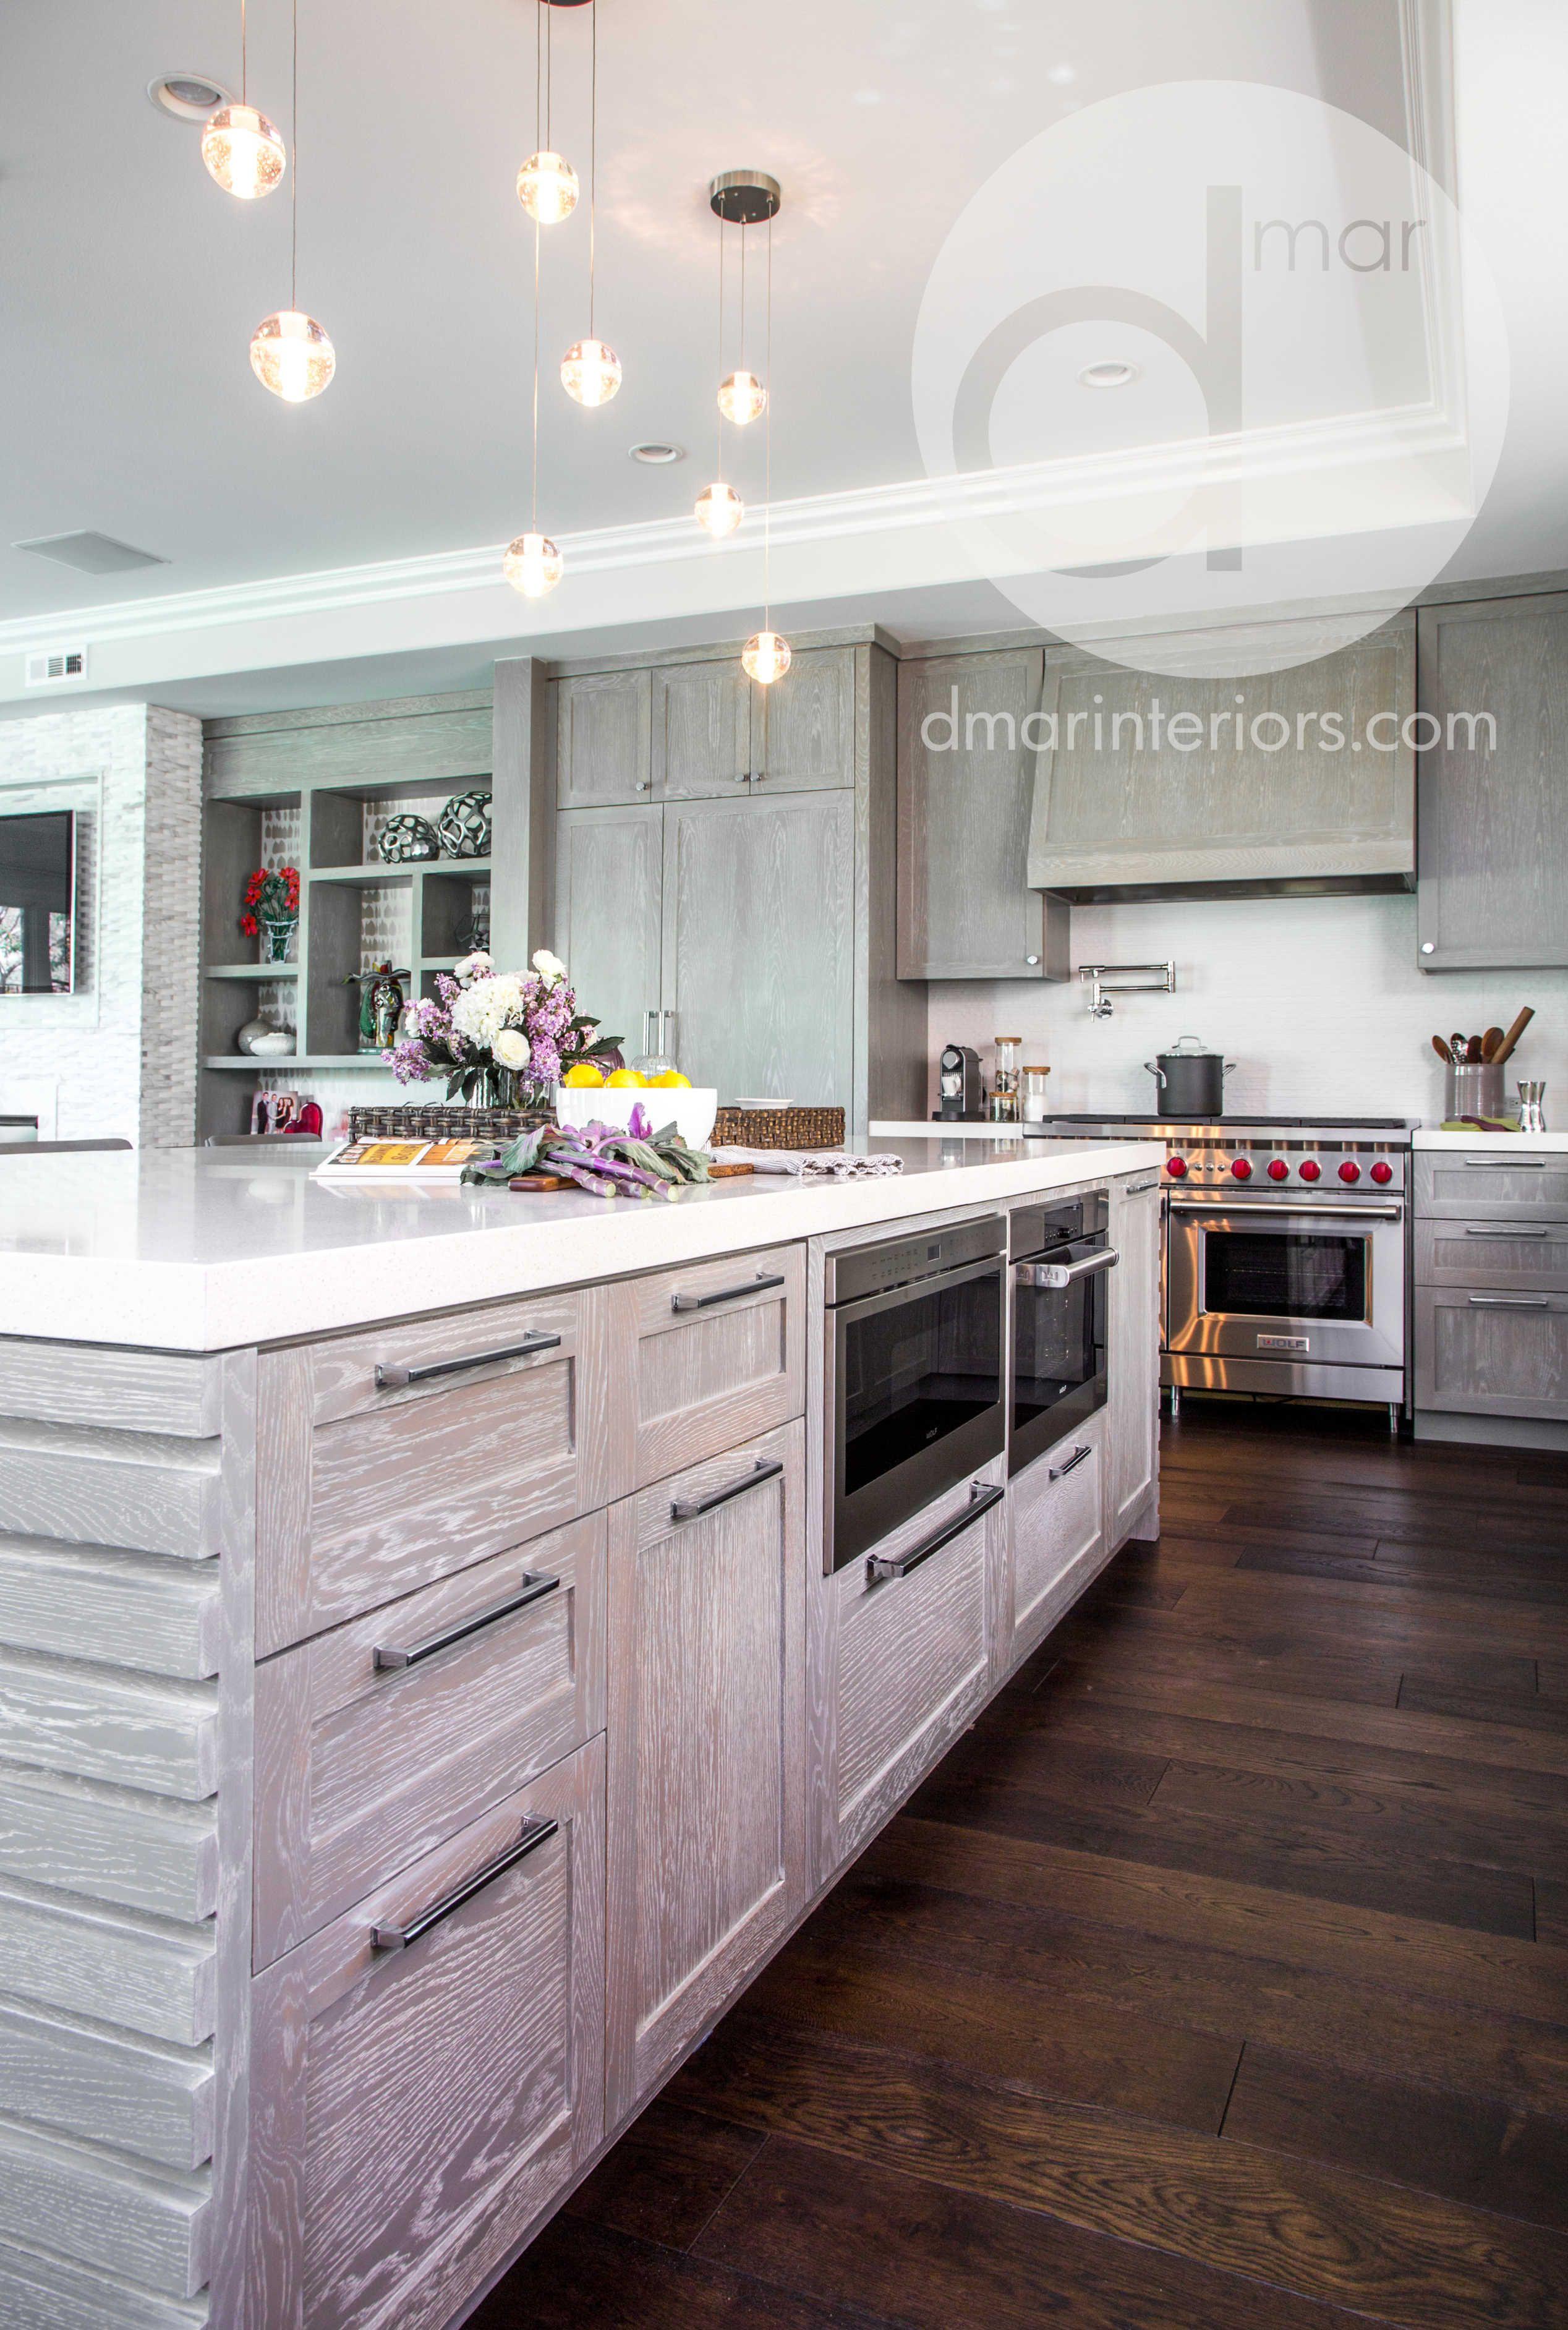 Custom cabinetry premium finish porcelanosa backsplash white